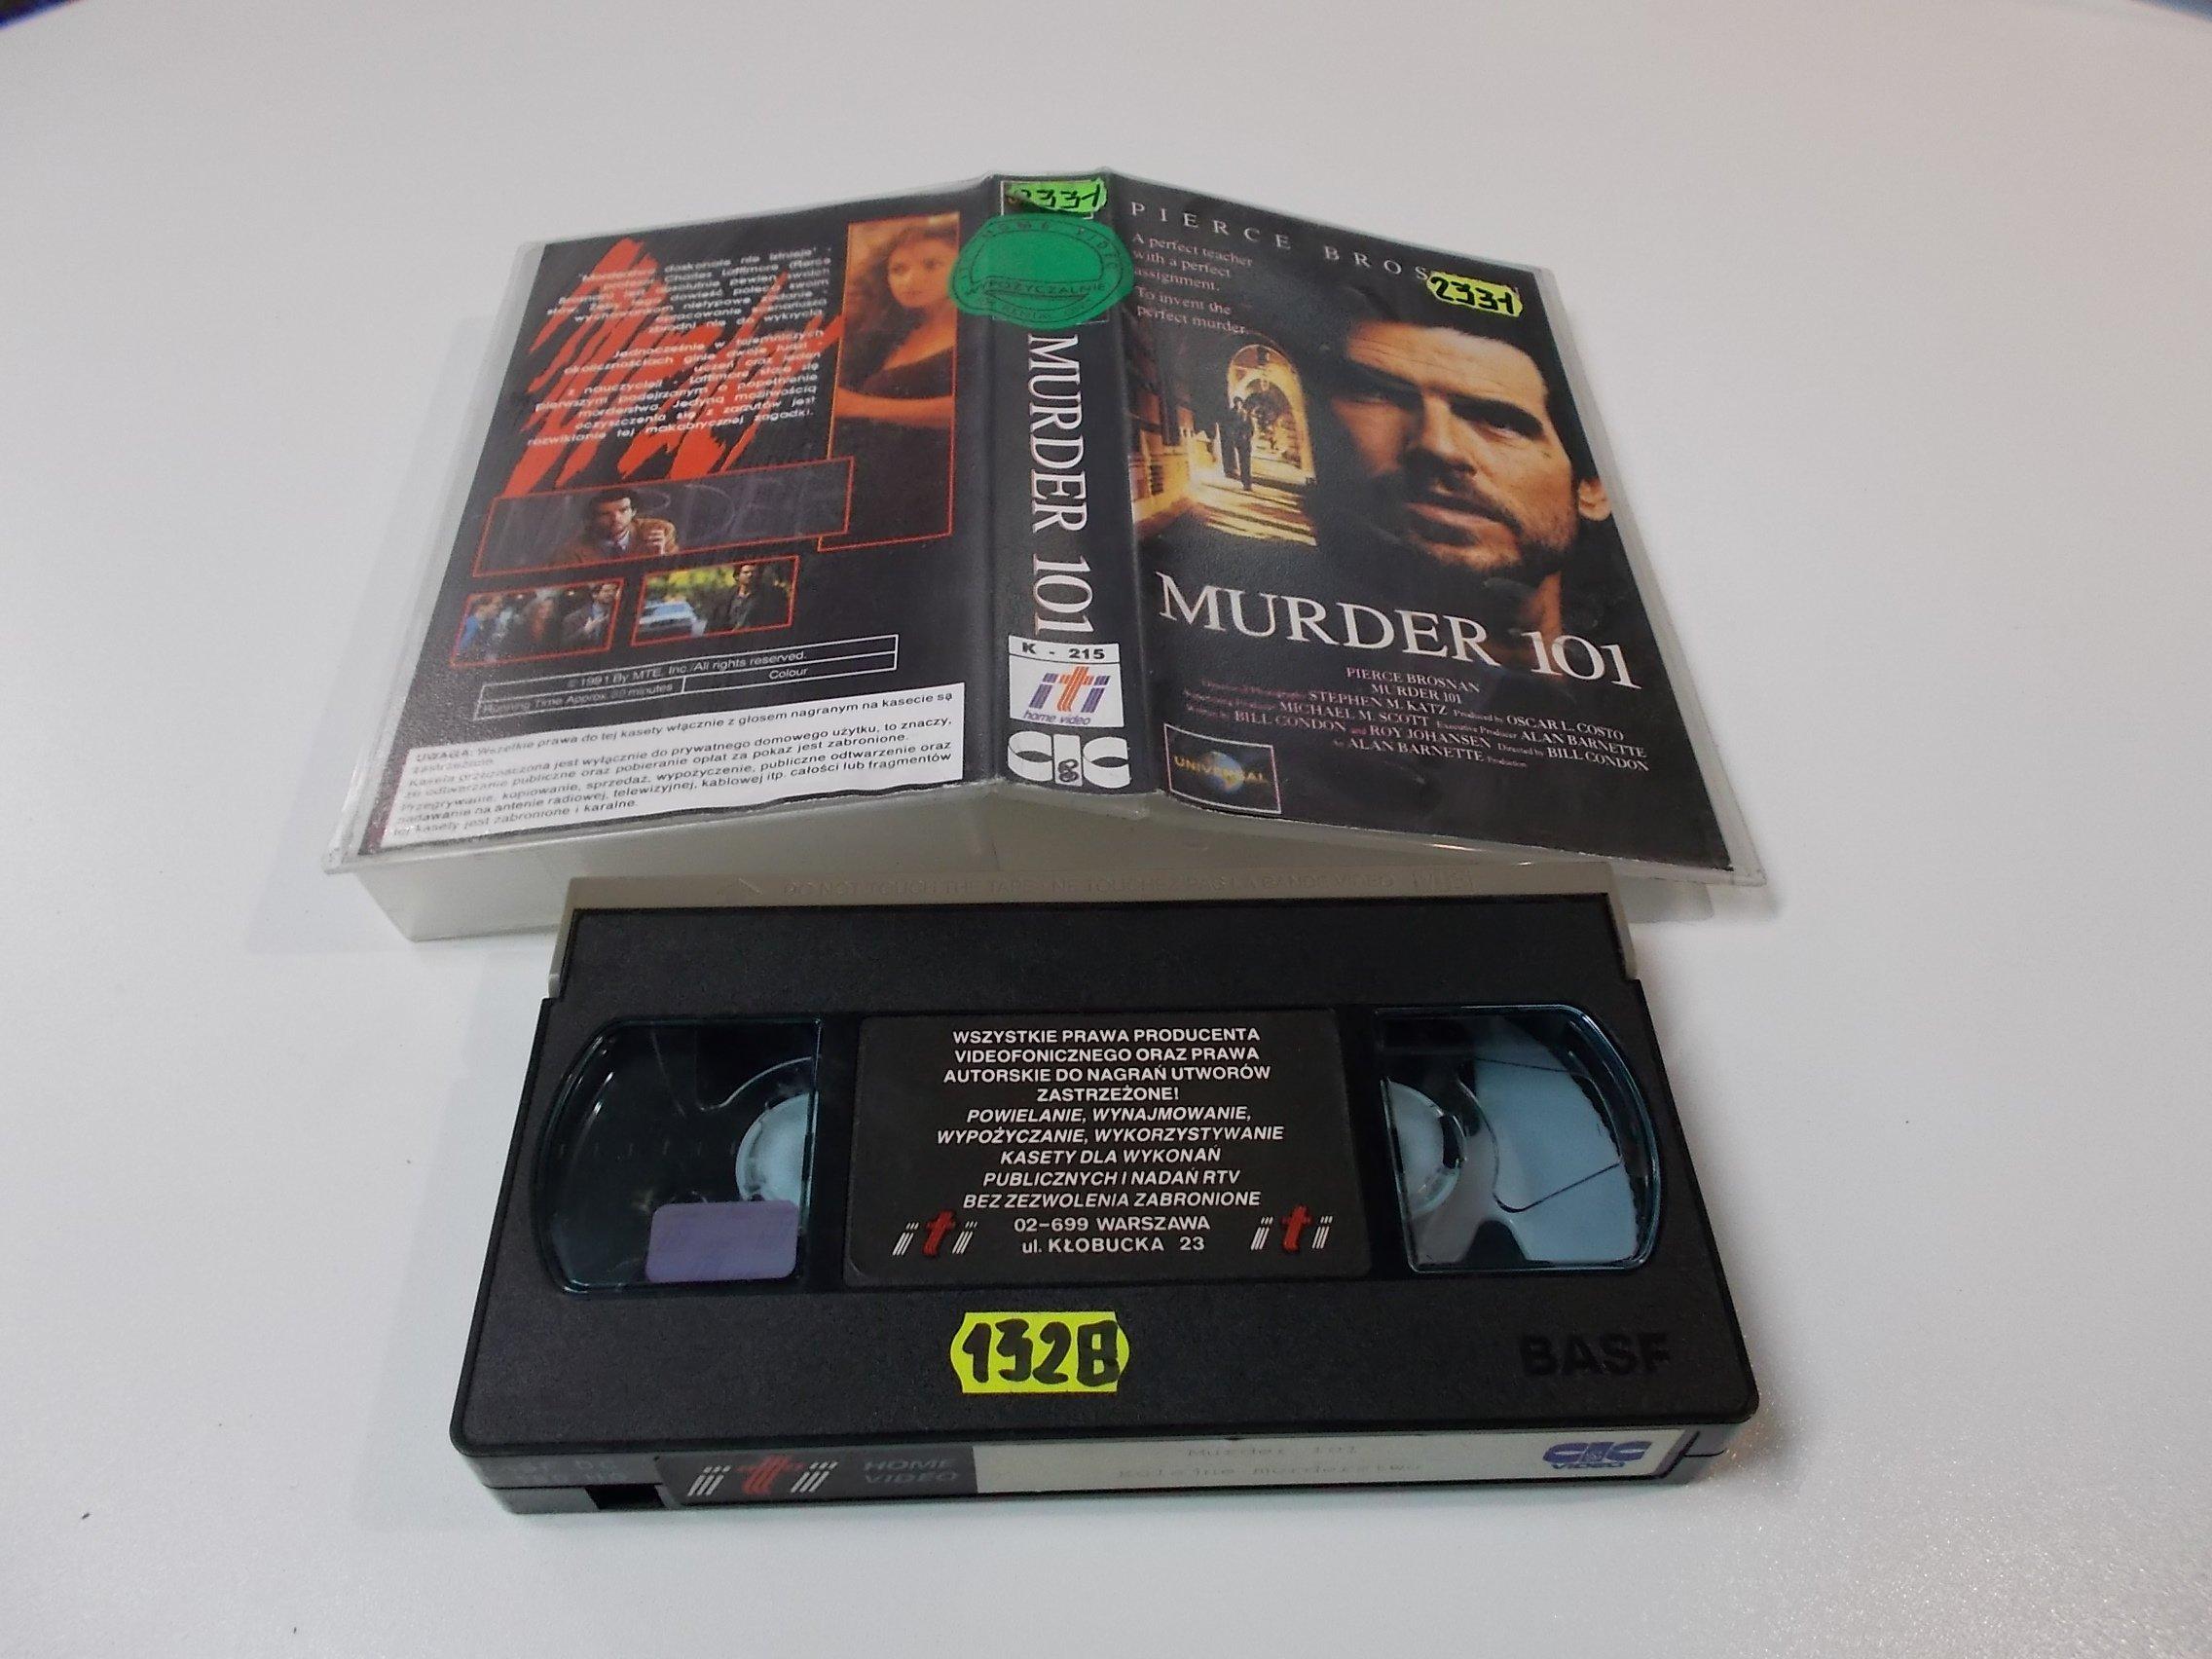 MURDER 101 - VHS Kaseta Video - Opole 1617